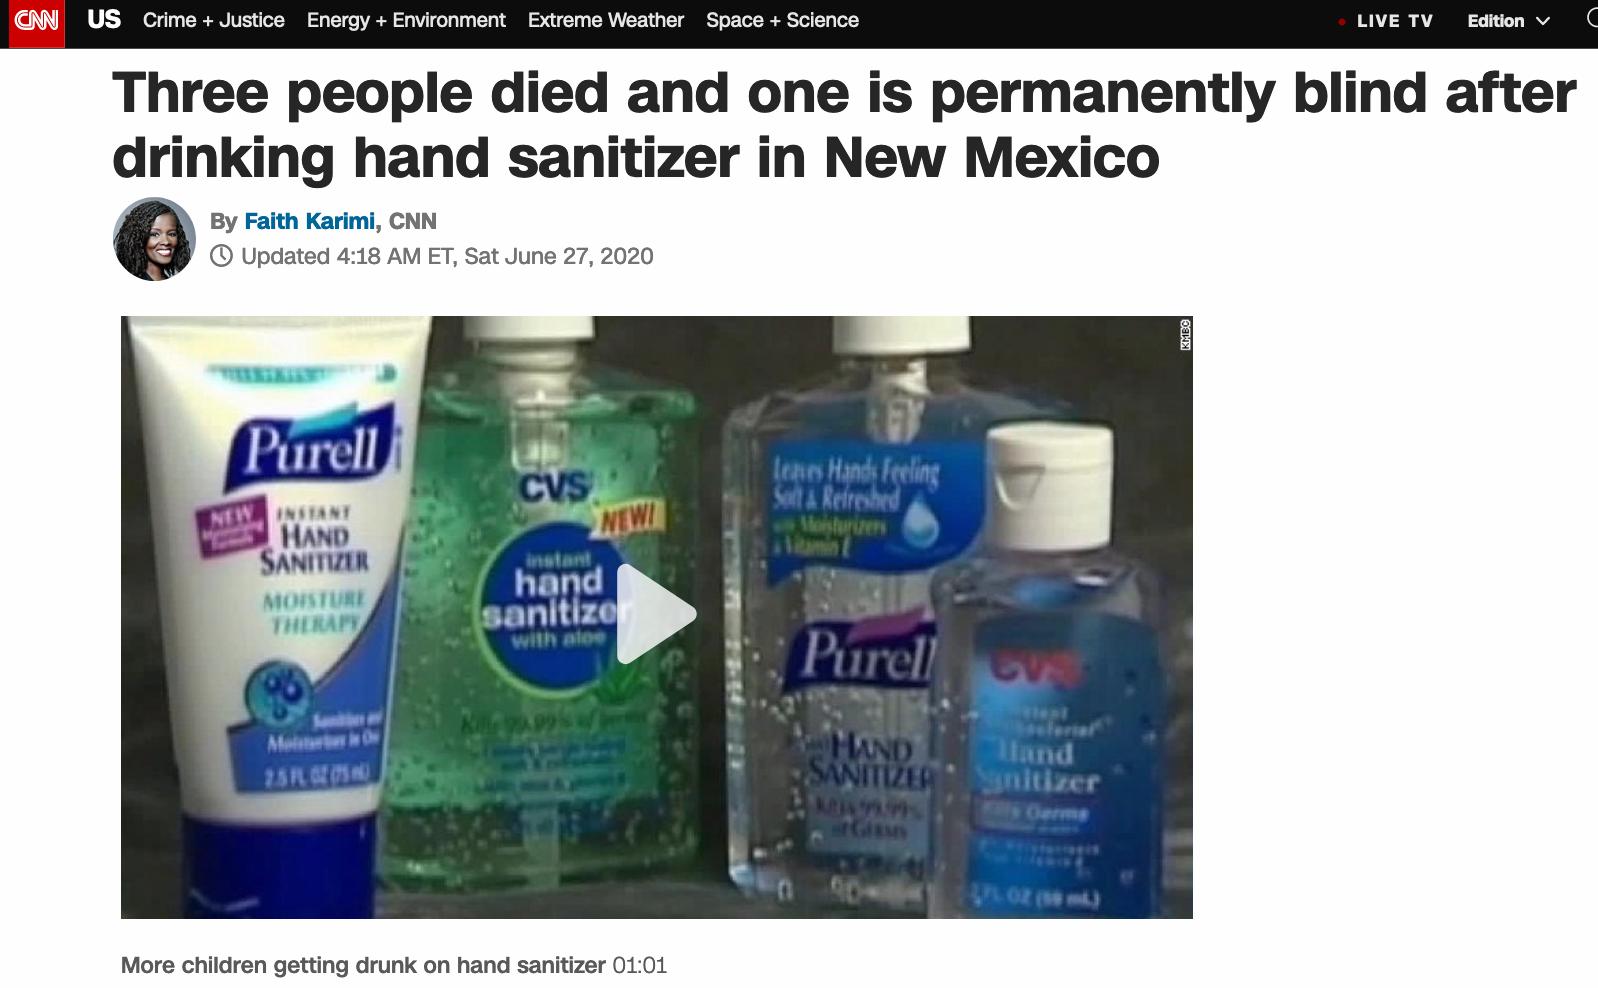 欧博allbet客户端:〖美国〗新墨西哥州发生多起饮用洗手 液事宜[,已有3《人殒命》、1人永远失明 第1张